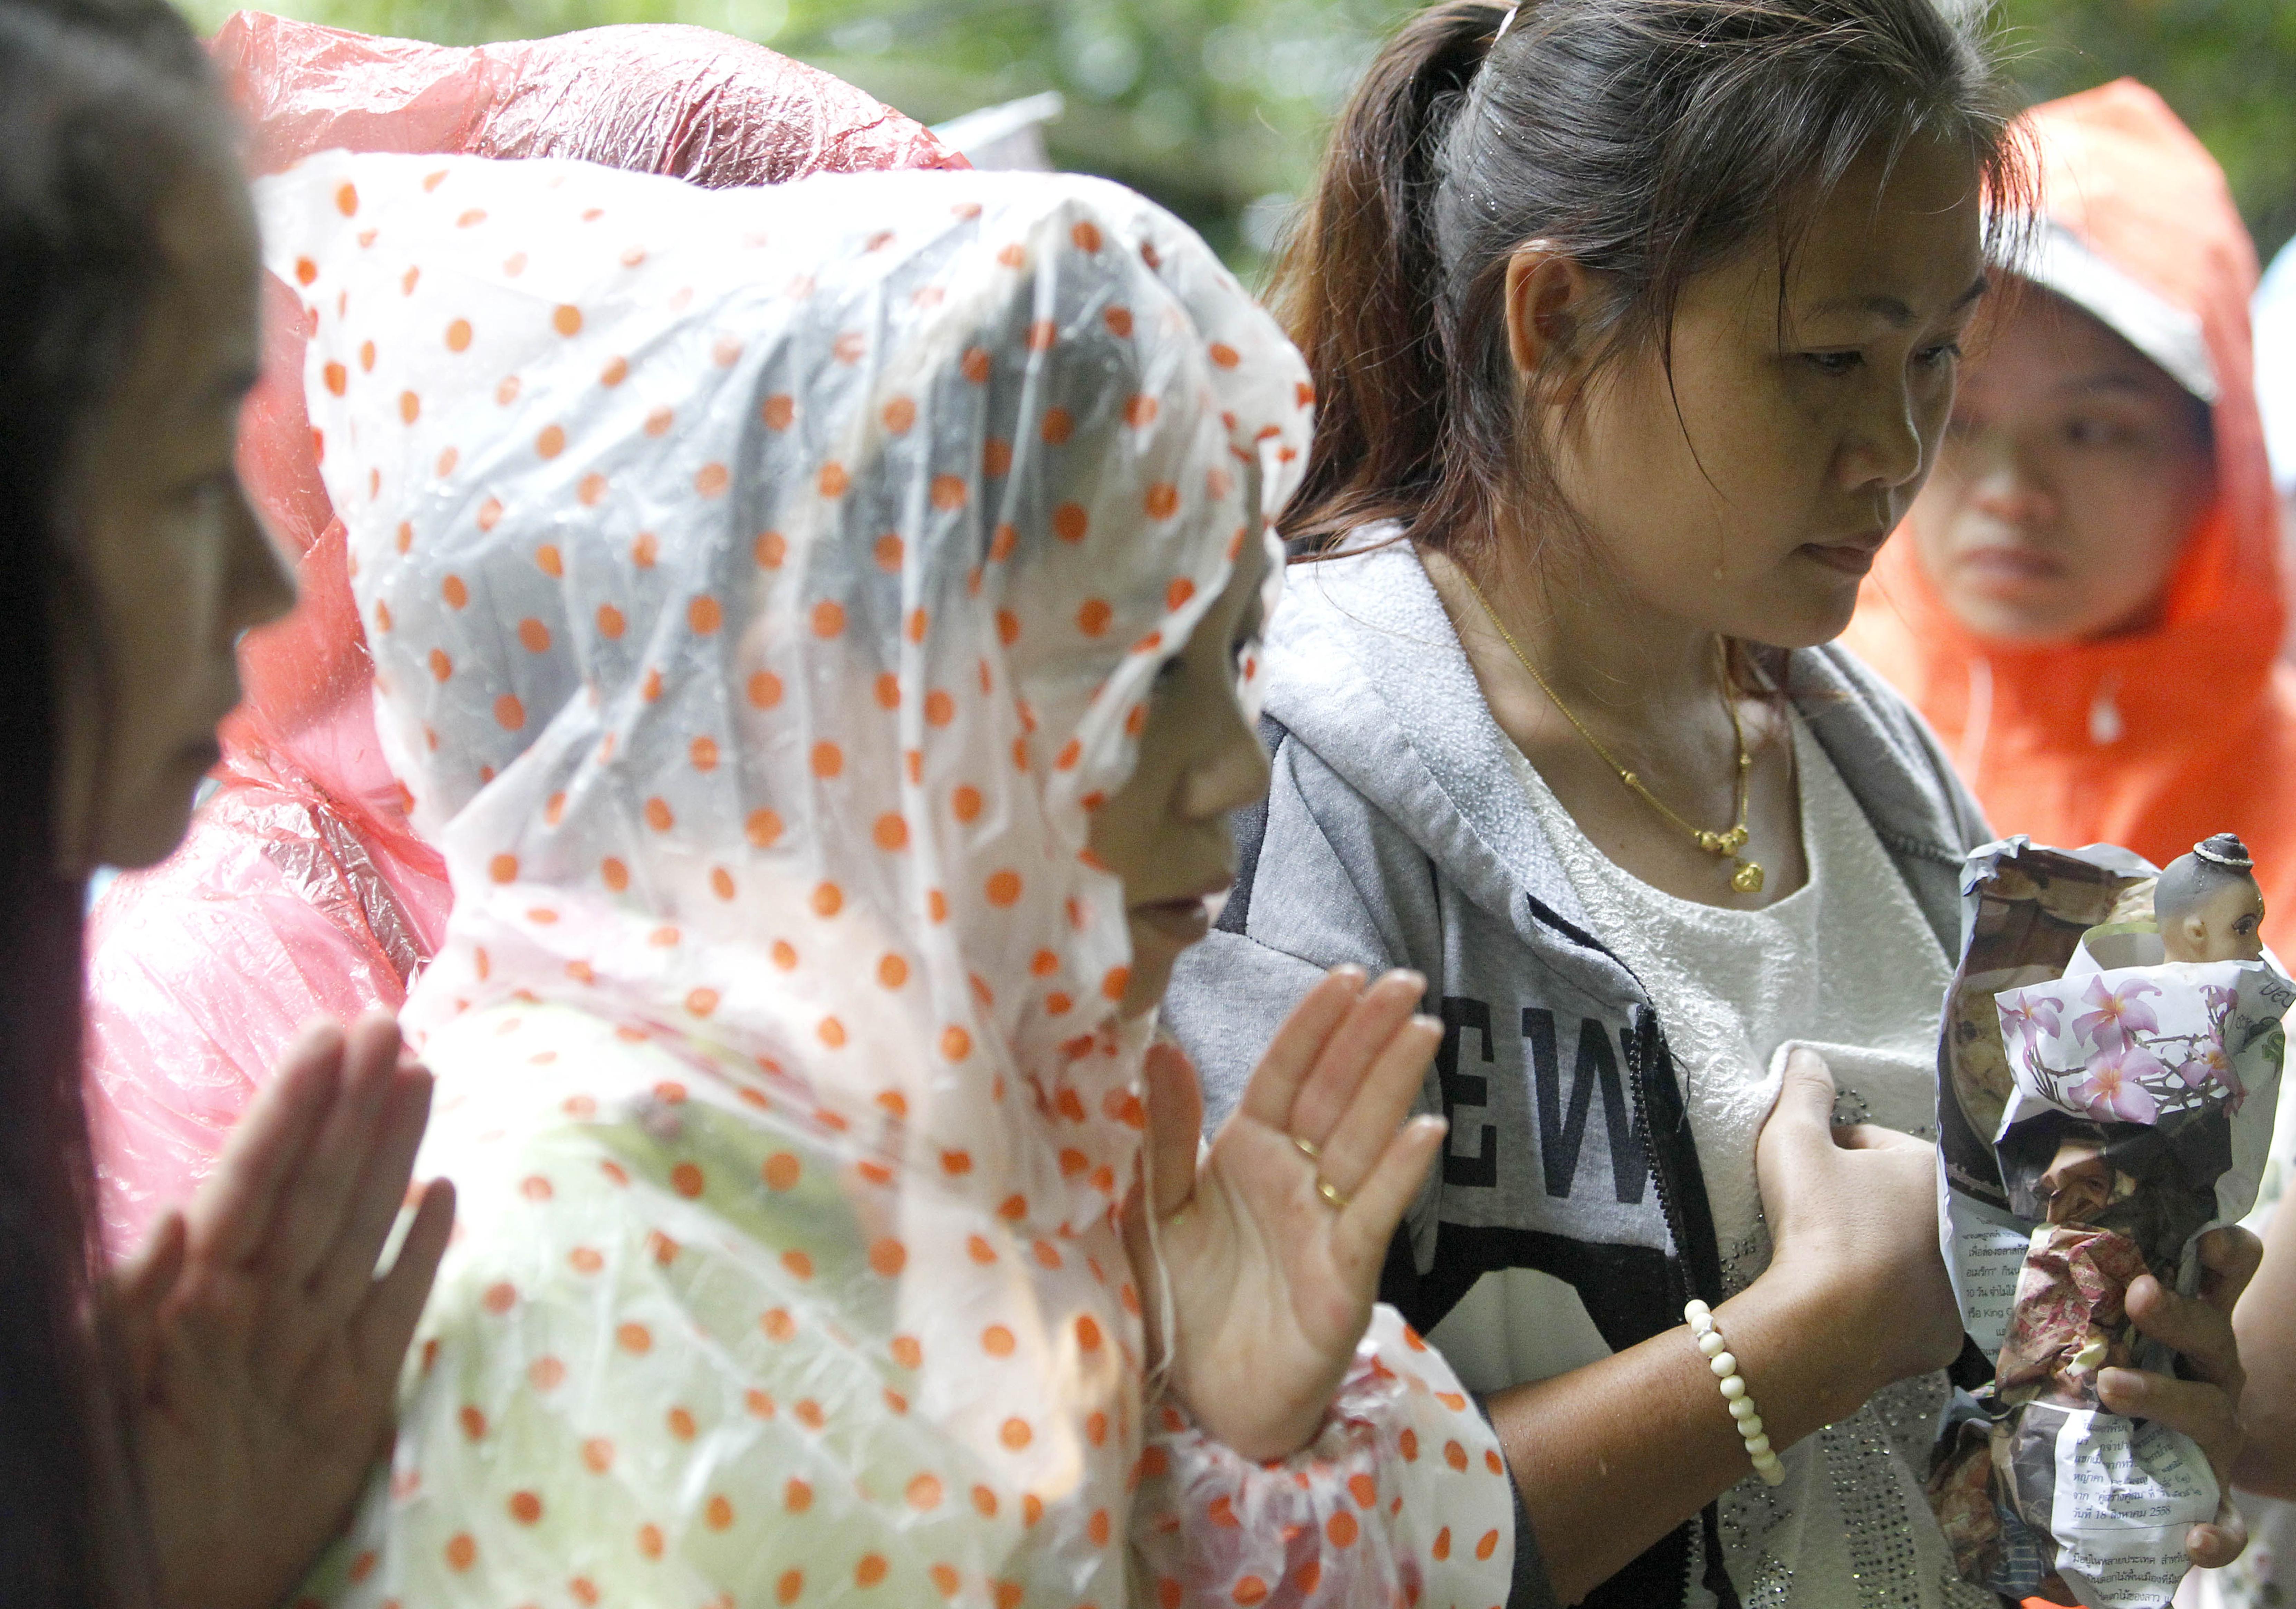 FOTO / Cum s-a desfășurat operațiunea de salvare din Thailanda, urmărită cu sufletul la gură de întreaga lume